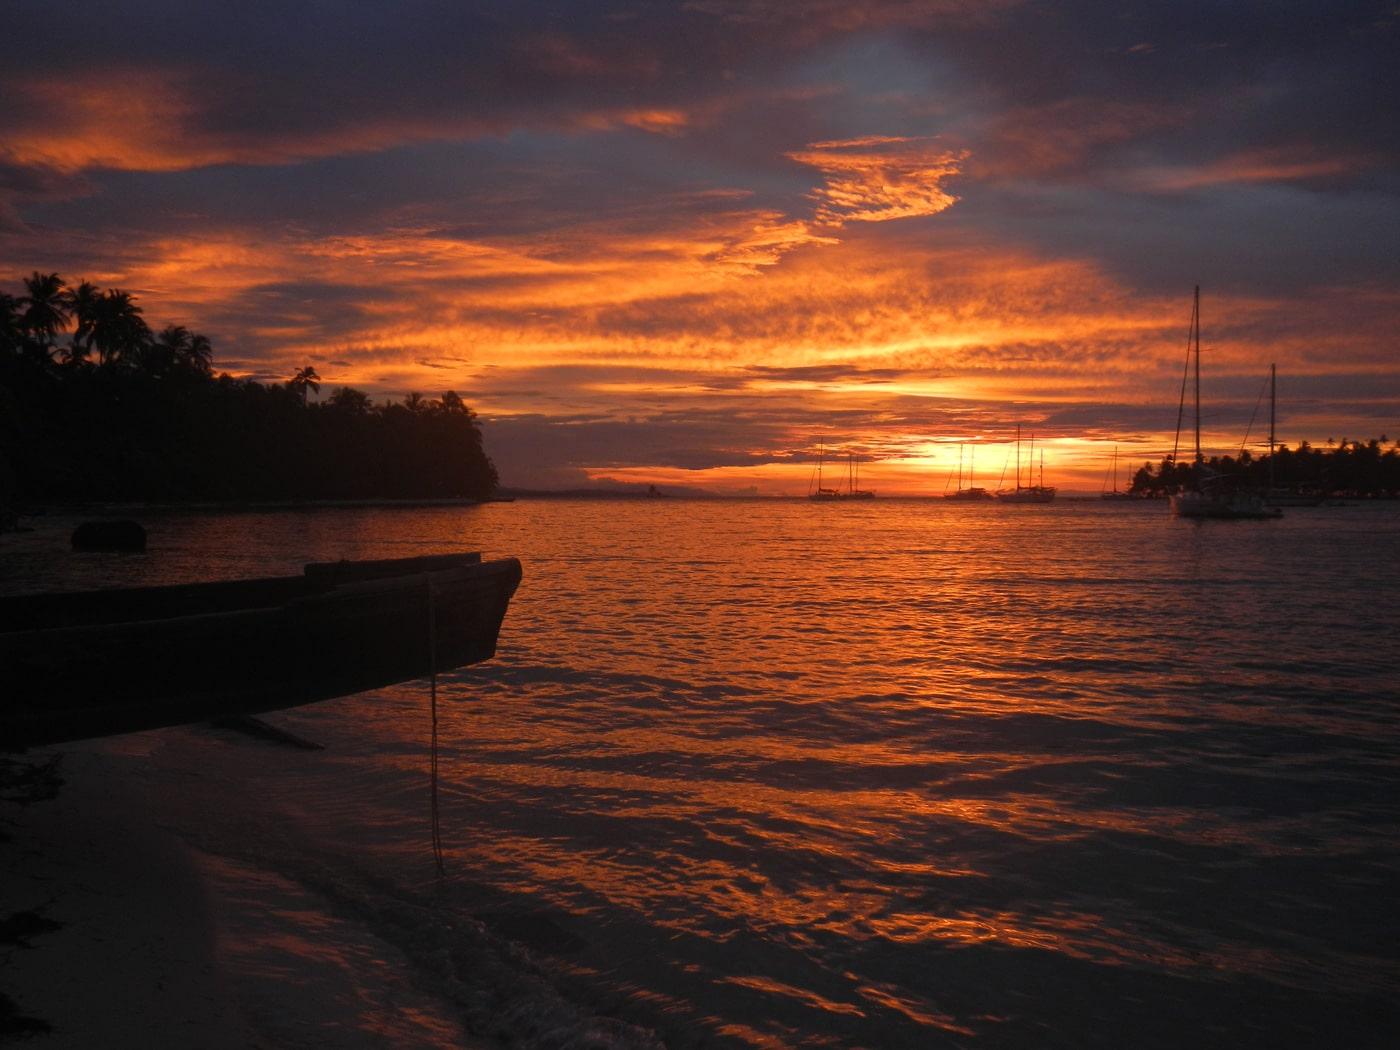 Croisiere voilier aux San blas - coucher de soleil